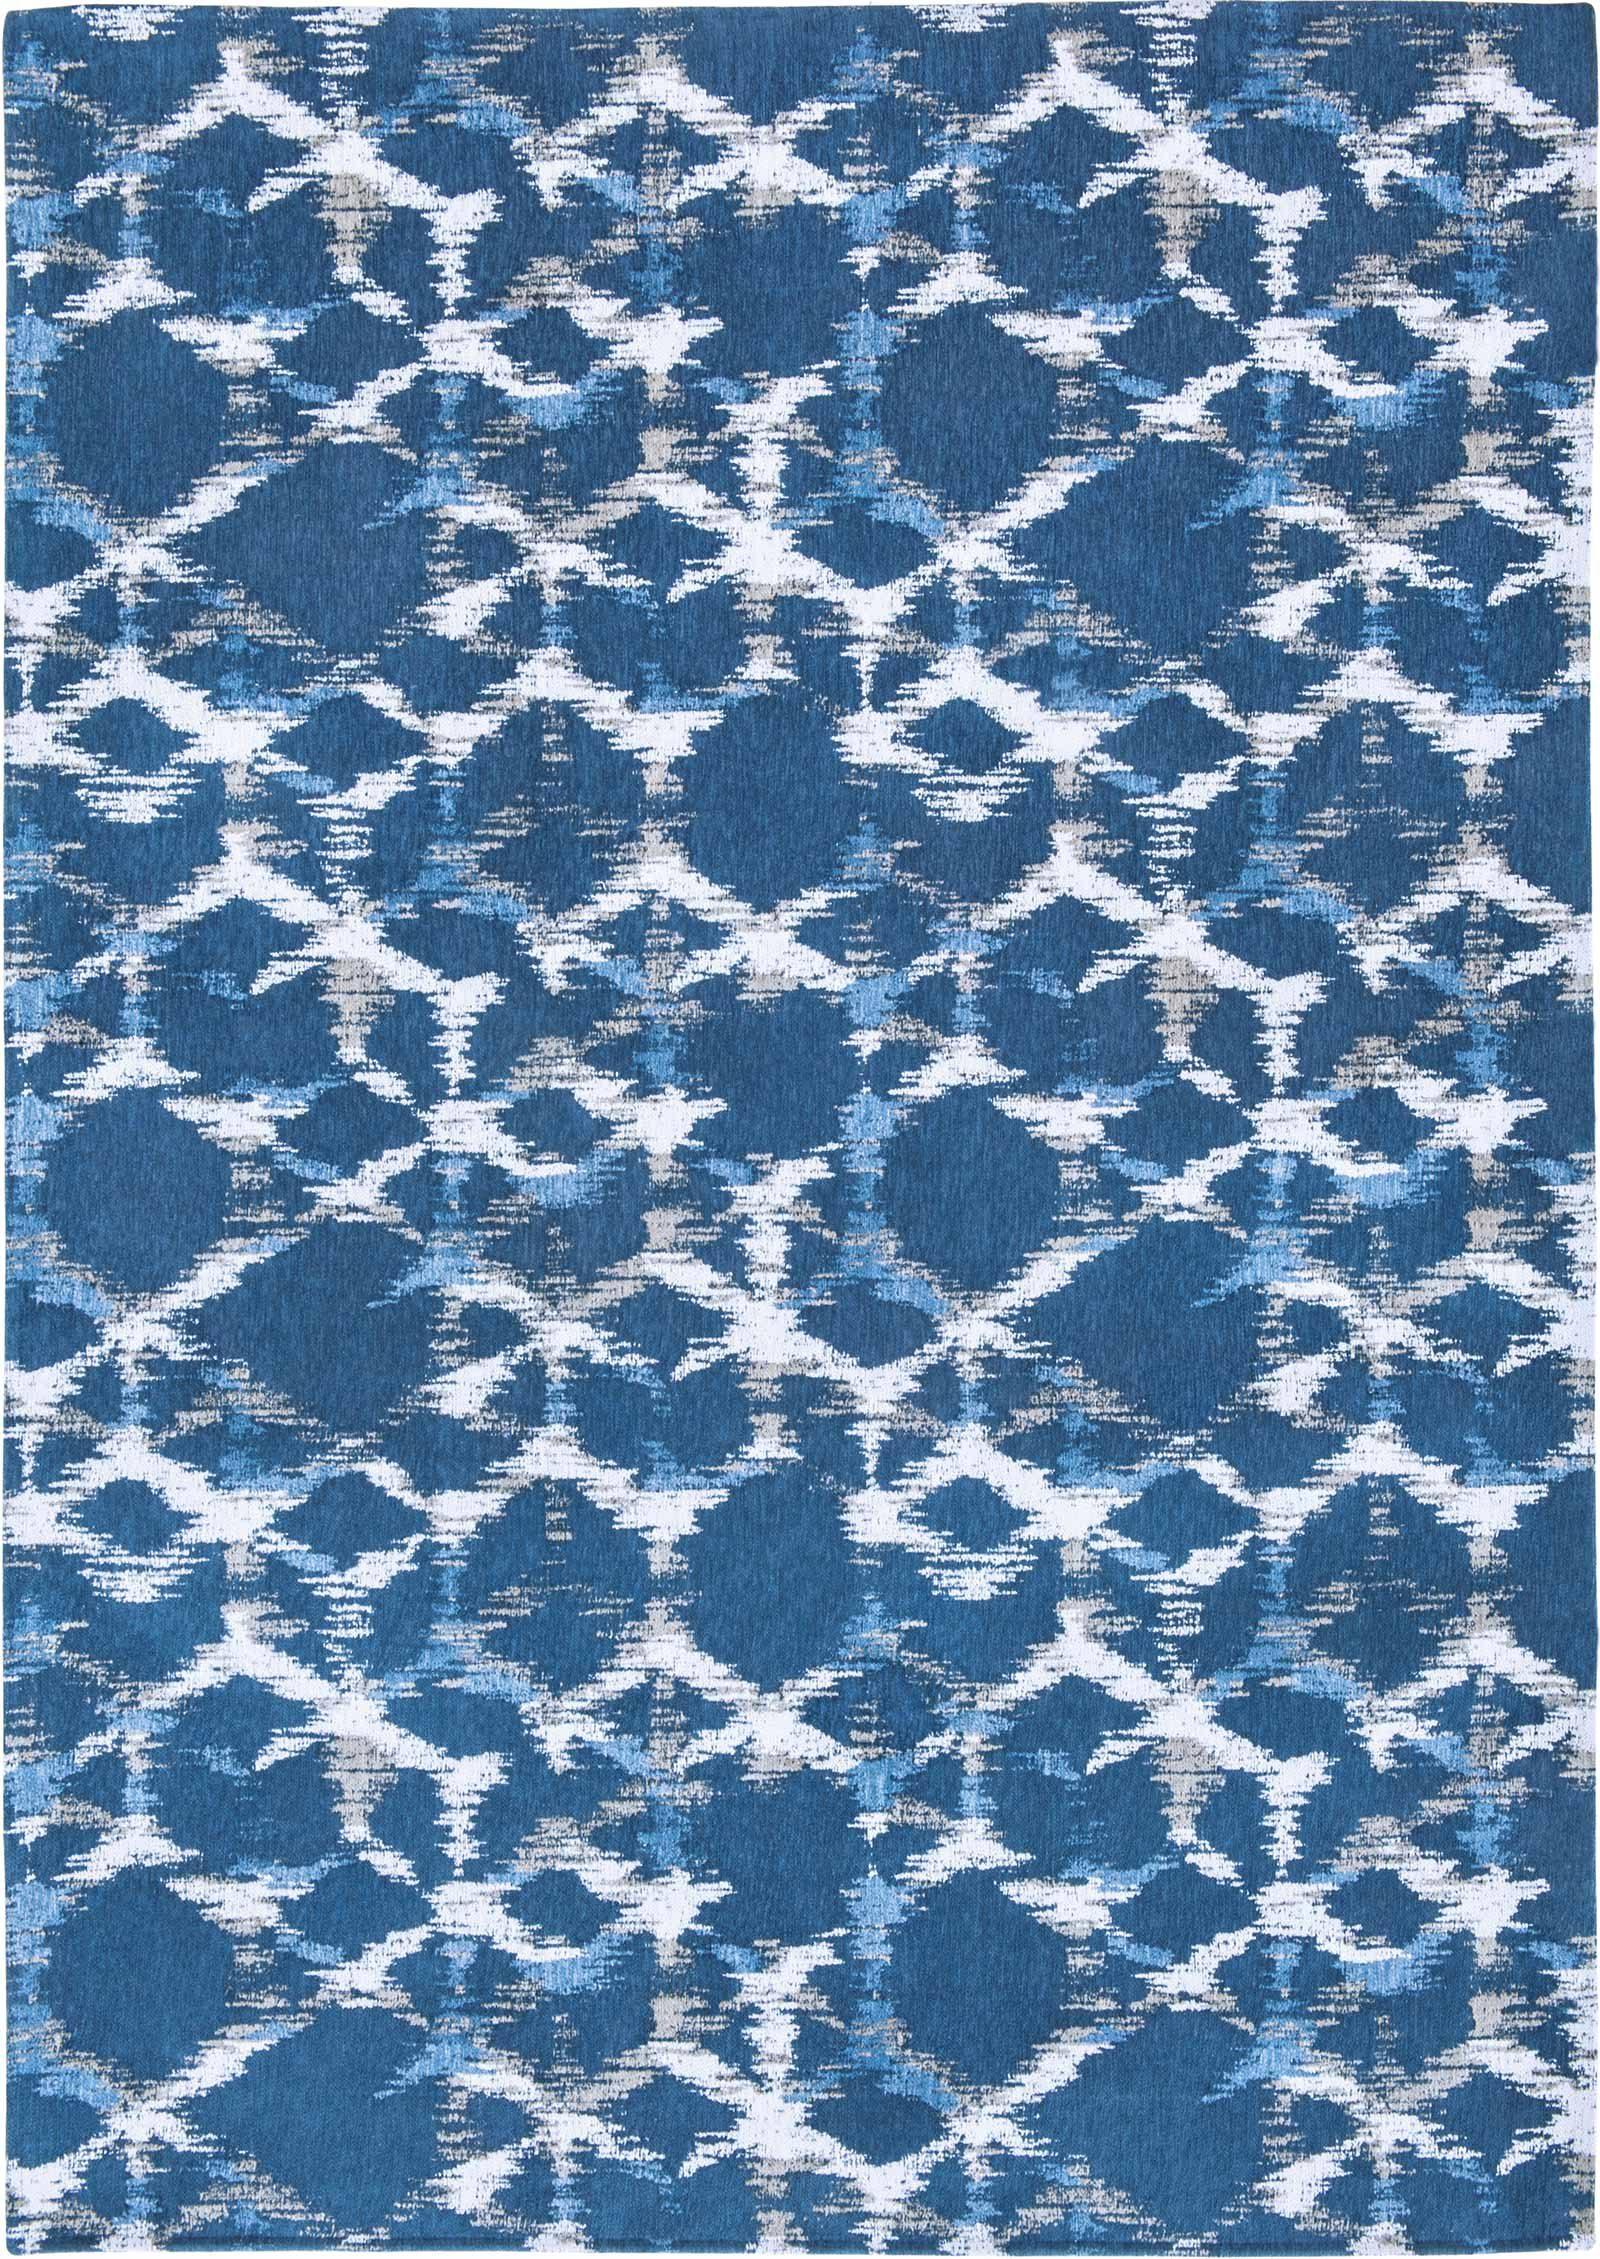 Louis De Poortere alfombras Villa Nova LX 8750 Sudare Indigo